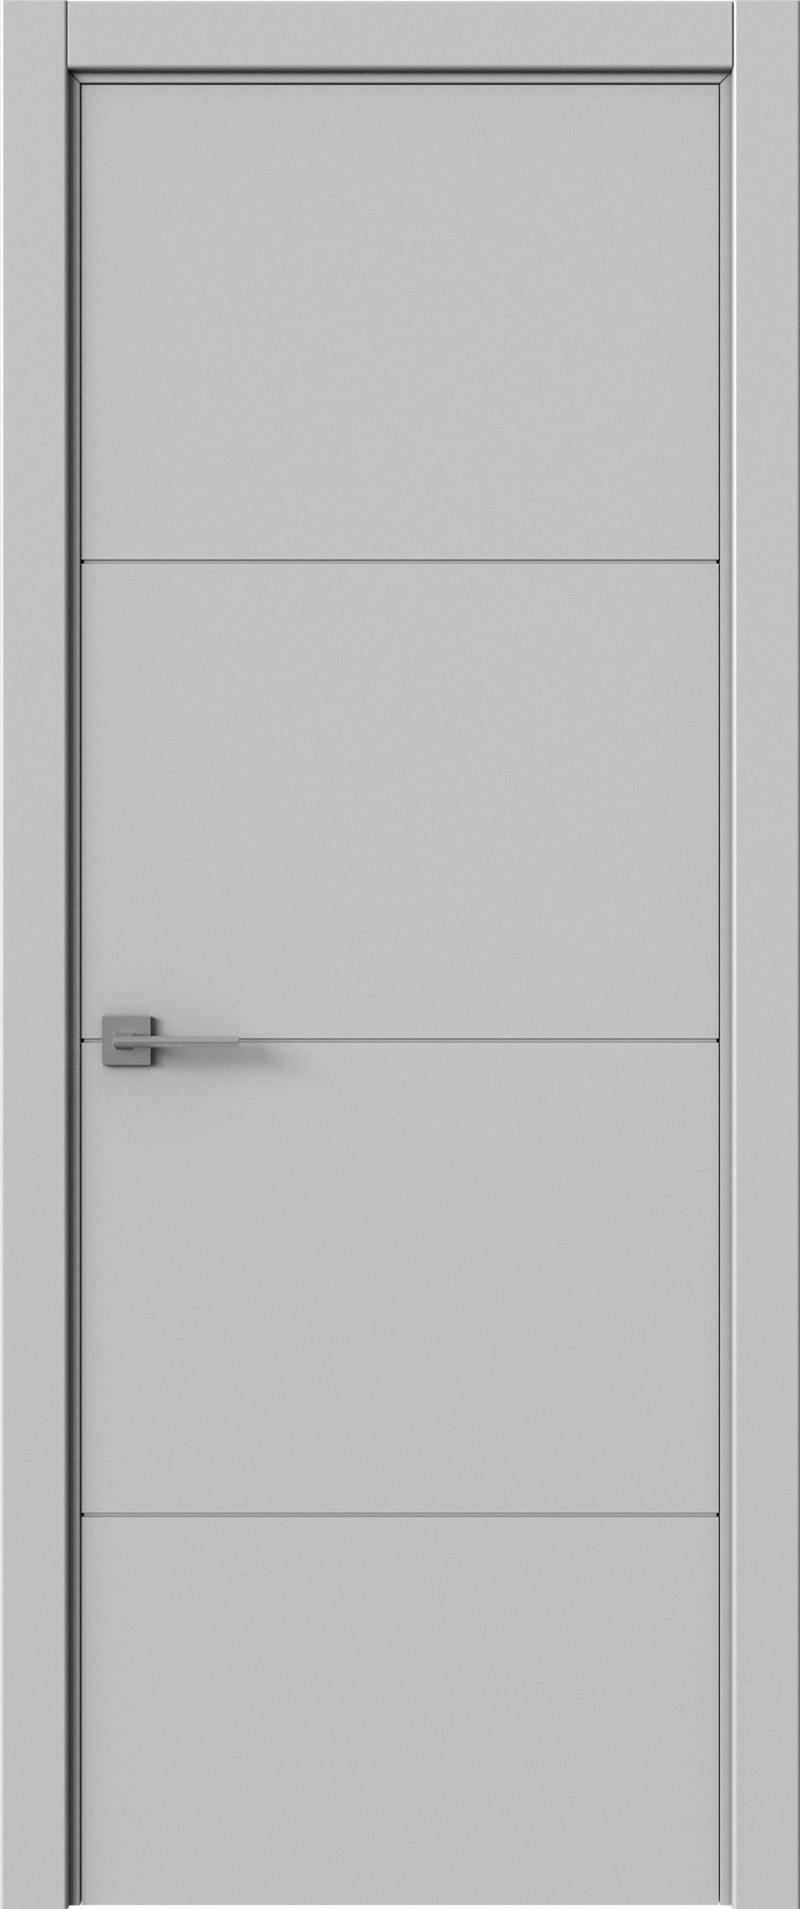 Tivoli Г-2 цвет - Серая эмаль (RAL 7047) Без стекла (ДГ)